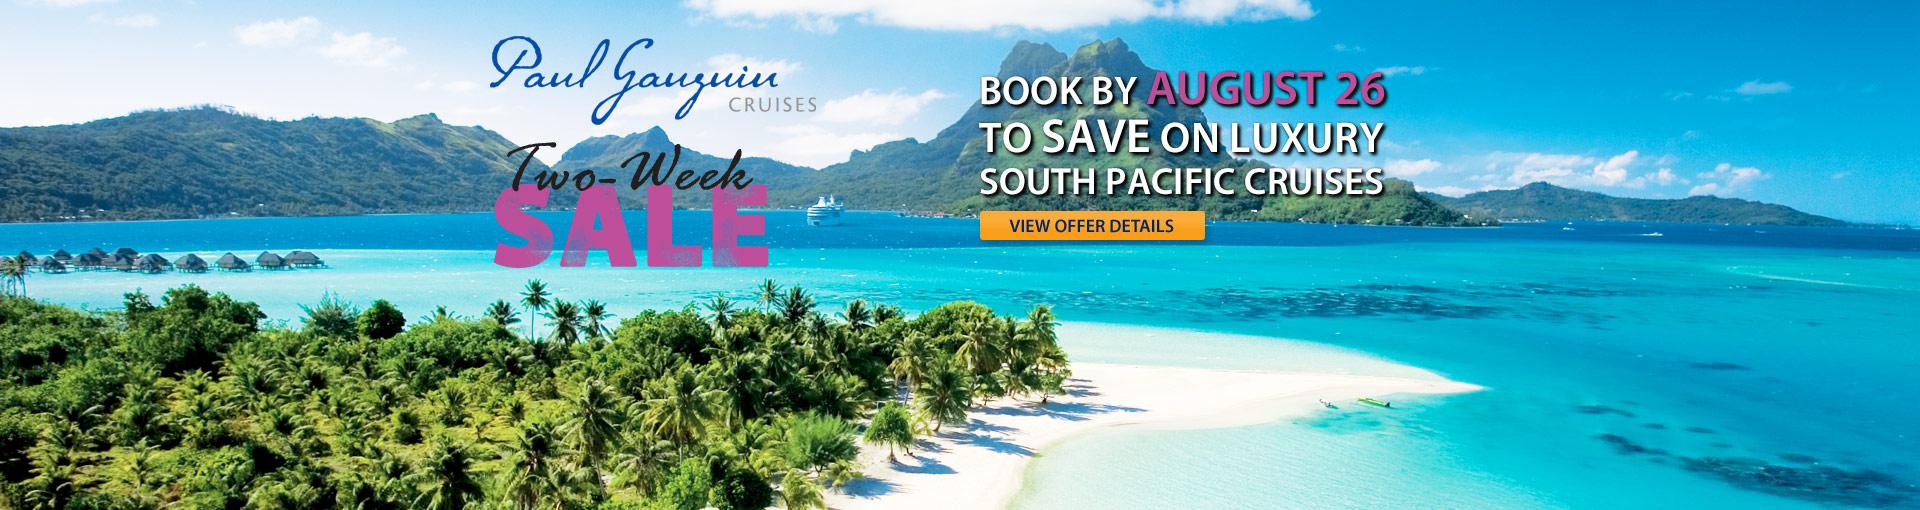 Paul Gauguin Cruises 2-Week Sale